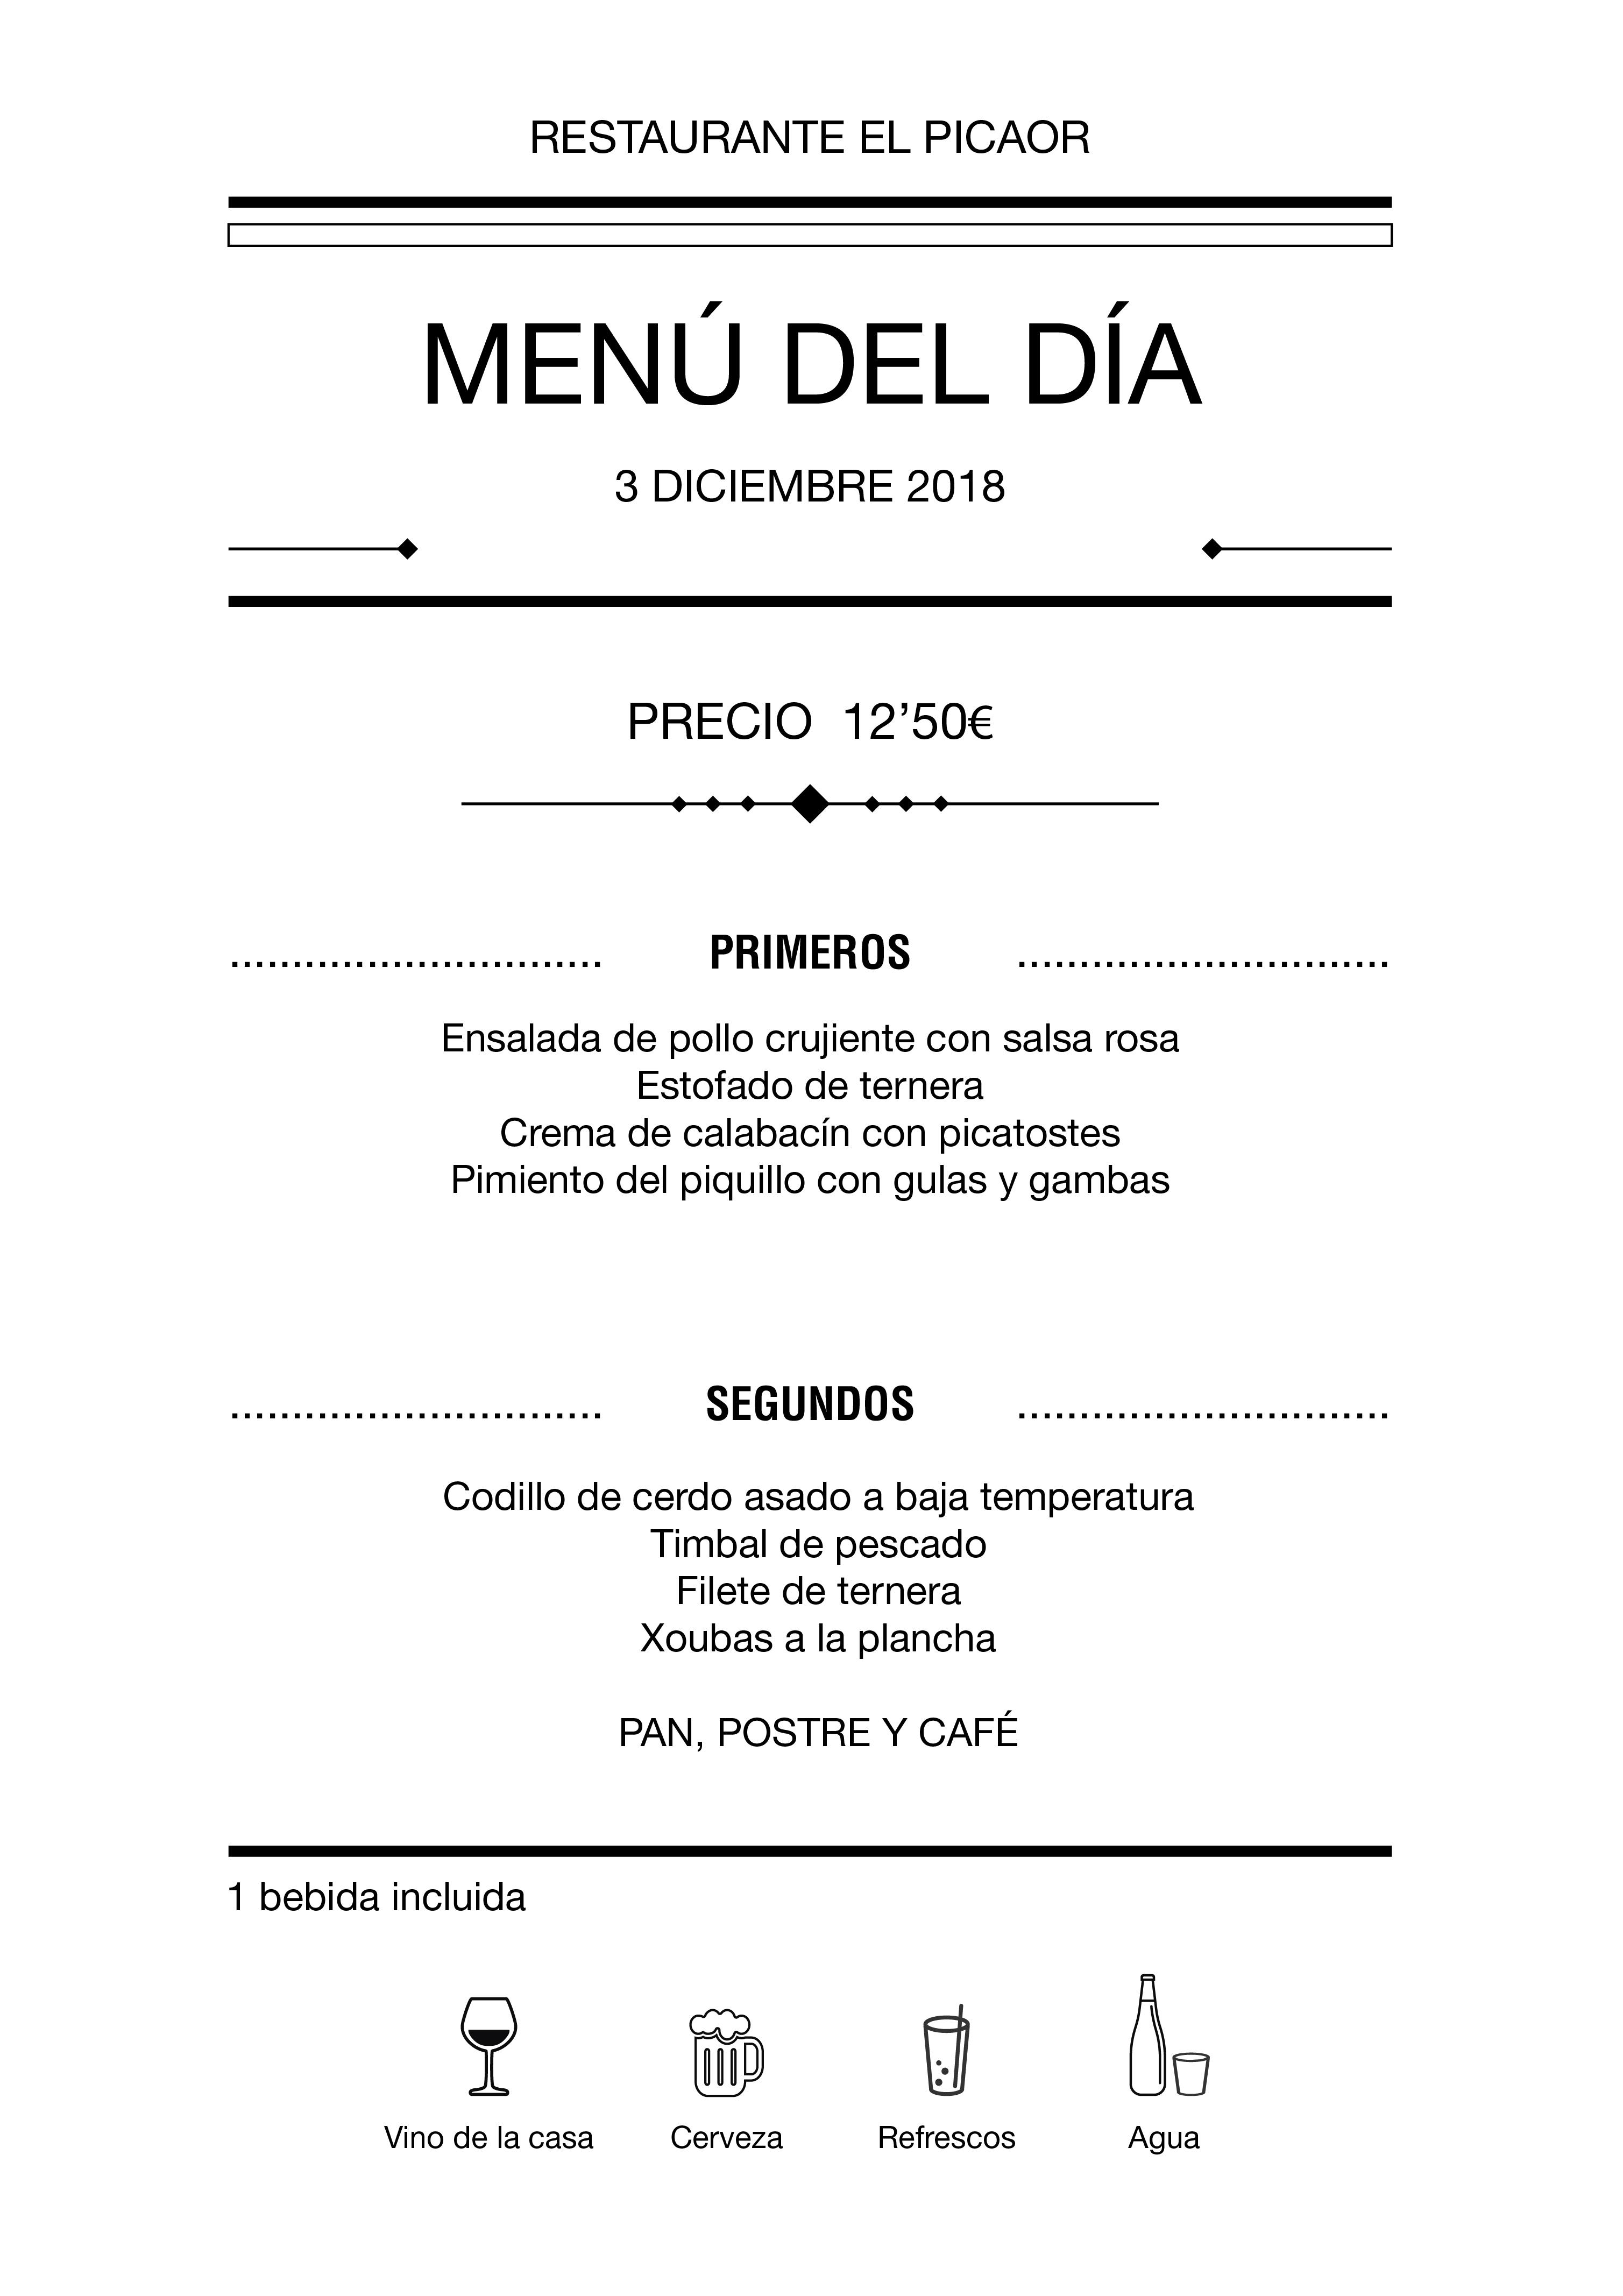 Menú diario El Picaor 03/12/18